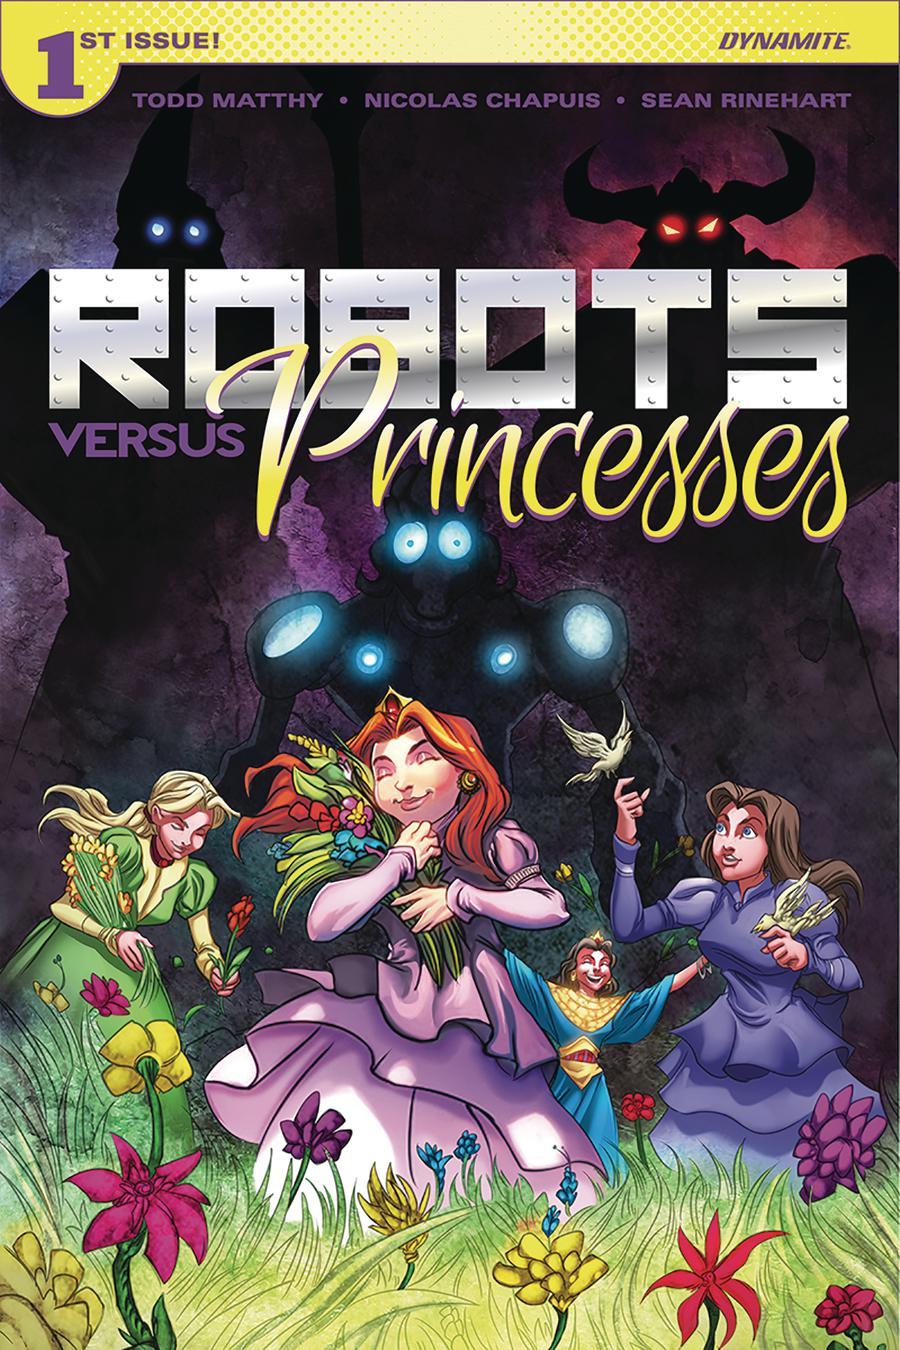 Robots vs Princesses #1 Cover A Regular Nicolas Chapuis Cover